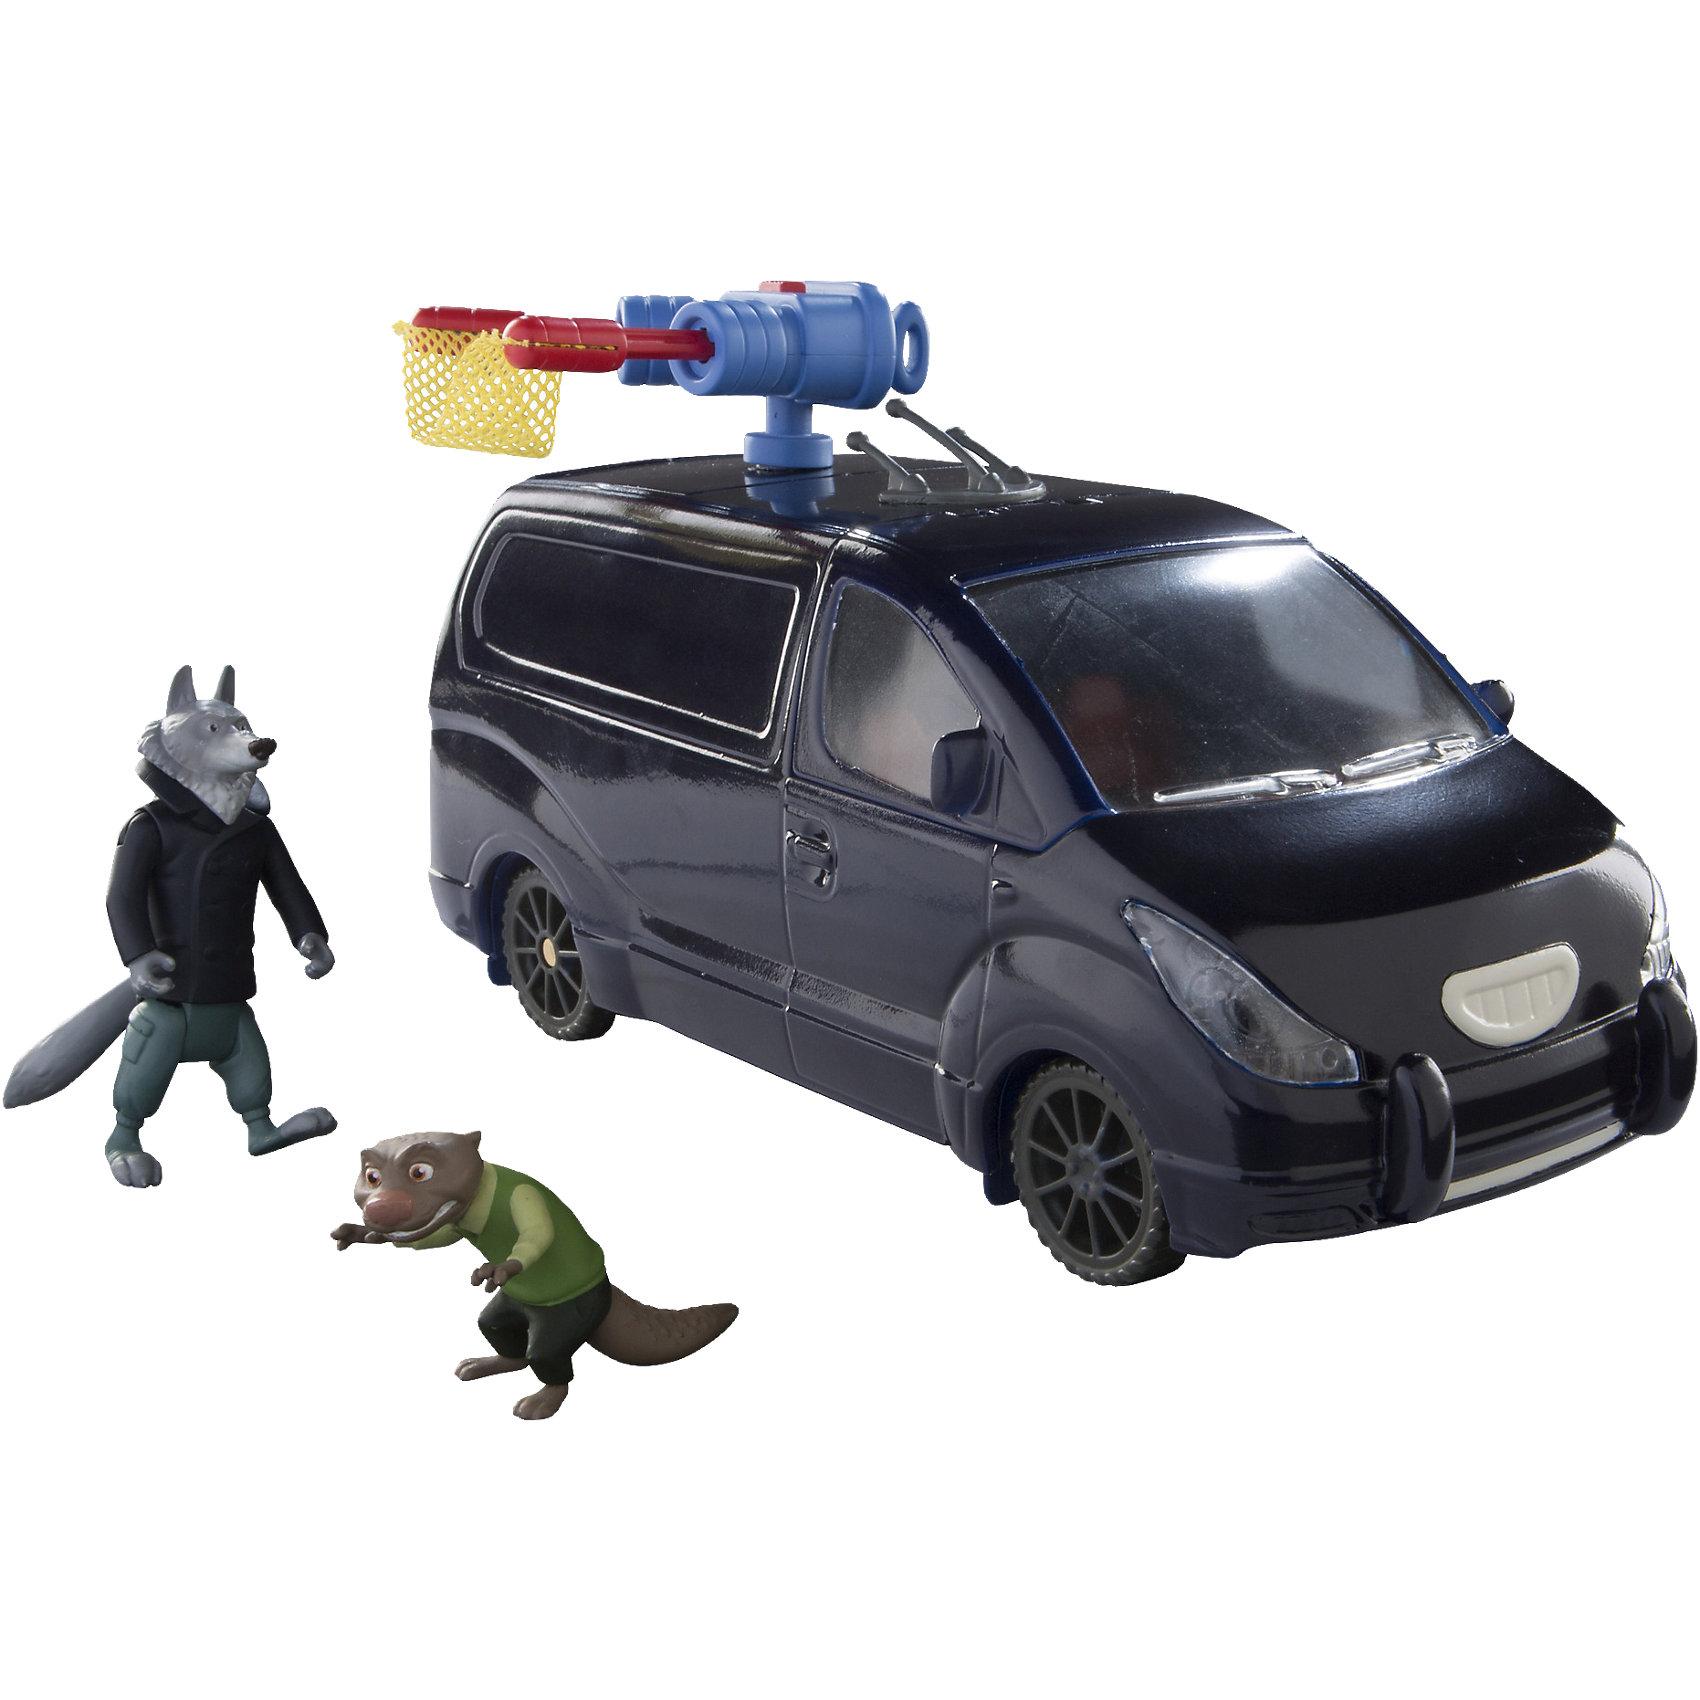 Игровой набор Похищение мистера Выдрингтона, со звуком и светом, ЗверополисПрекрасный игровой набор, созданный по мотивам одной из самых ожидаемых мультипликационных премьер 2016 года – «Зверополис» (Zootopia), приведет в восторг всех детей! В комплект входит минивен с закрытым фургоном, оснащенный функциональными деталями. Автомобиль имеет открывающуюся кабину, в которую можно поместить две фигурки героев Зверополиса. На крышу автомобиля можно установить специальное устройство для отлова неадекватных жителей города. Закрепите приспособление, нажмите на красную кнопку, расположенную в верхней части установки, и она выстрелит сеткой, фиксирующей нарушителя порядка, после чего его можно будет поместить в фургон, двери которого открываются. На внутренней части дверей багажника вы можете увидеть следы когтей «пассажиров». Автомобиль оснащен световыми эффектами, для активации которых необходимо переключить маленький рычажок, находящийся на нижней части автомобиля. <br><br>Дополнительная информация:<br><br>- Материал: пластик.<br>- Размер упаковки: 29.5 х 12 х 29 см.<br>- Высота фигурки волка: 7,5 см.<br>- Голова и лапки подвижные. <br>- Высота фигурки мистера Выдрингтона: 2 см. <br>- Двери автомобиля, багажное отделение открываются.<br>- Колеса подвижные. <br>- Световые, звуковые эффекты (светятся фары, сирена).<br>- Элемент питания: 3 ААА батарейки (не входят в комплект).<br>- Комплектация: машина, 2 фигурки (загадочный волк, мистер Выдрингтон). <br><br>Игровой набор Похищение мистера Выдрингтона, со звуком и светом, Зверополис, можно купить в нашем магазине.<br><br>Ширина мм: 301<br>Глубина мм: 296<br>Высота мм: 129<br>Вес г: 679<br>Возраст от месяцев: 36<br>Возраст до месяцев: 72<br>Пол: Унисекс<br>Возраст: Детский<br>SKU: 4536164